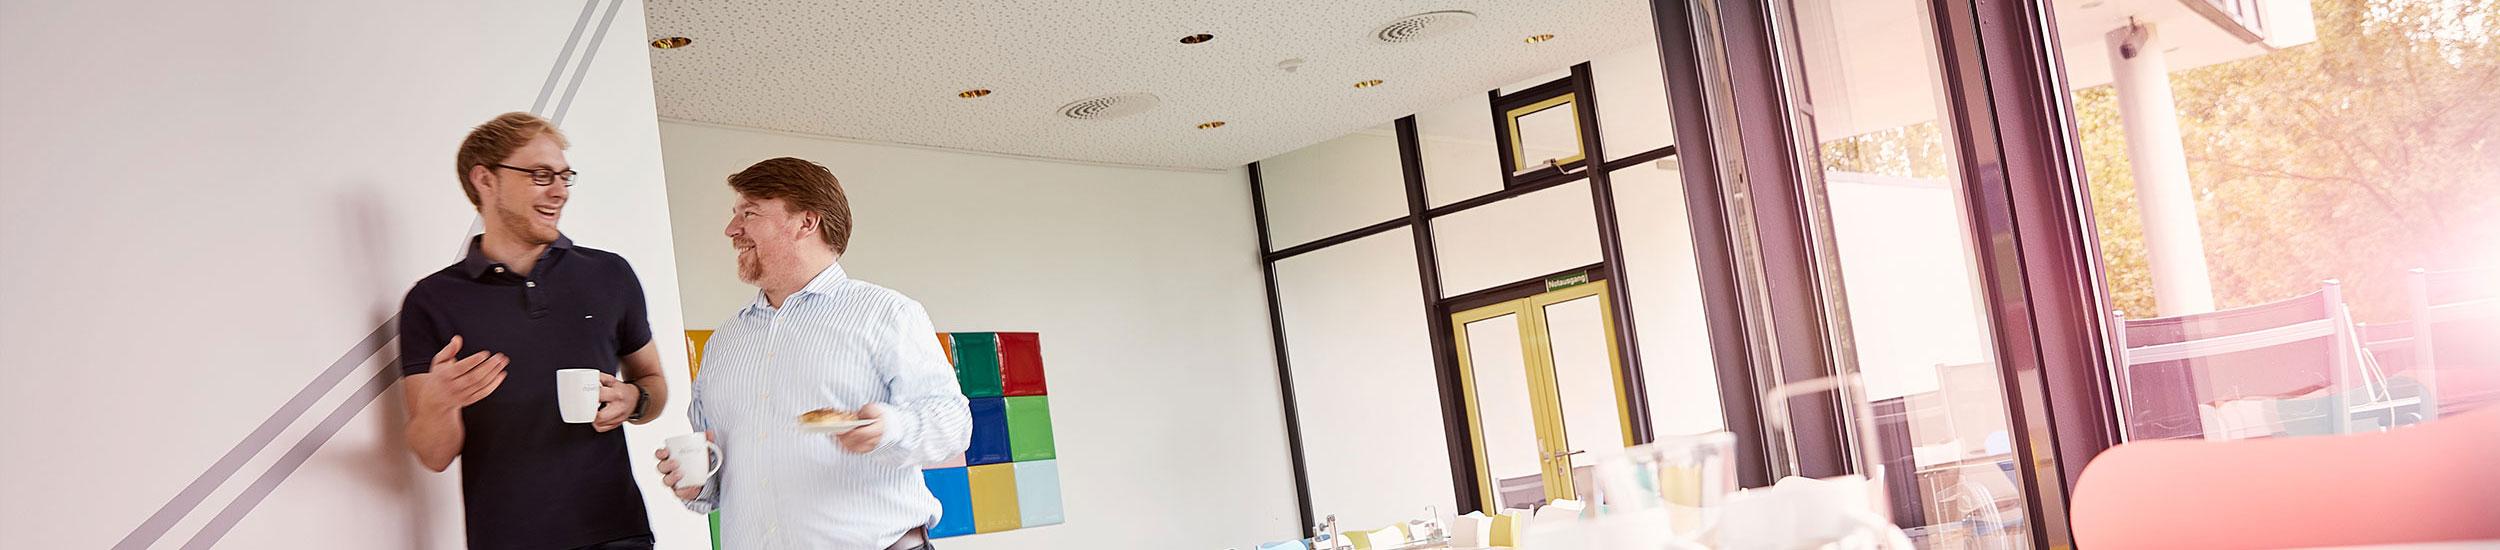 Nowega bietet als Arbeitgeber in Münster Karrierechancen und zahlreiche Vorteile.